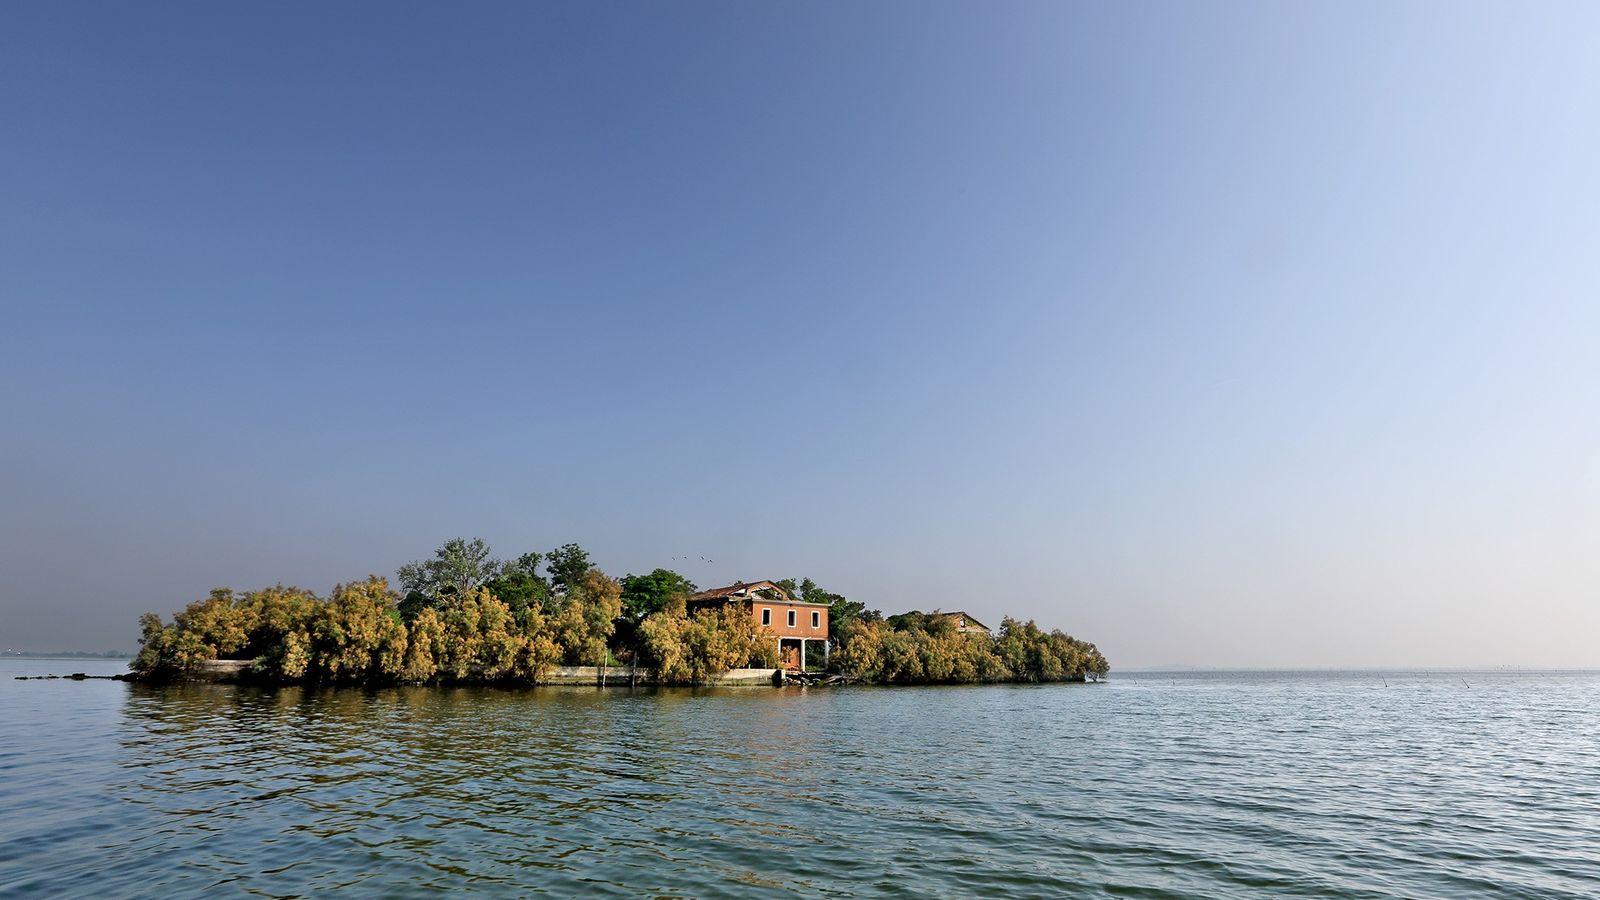 Diese kleine Insel in der Lagune von Venedig war früher eine Marine-Funkstation, ging dann in Privatbesitz ...